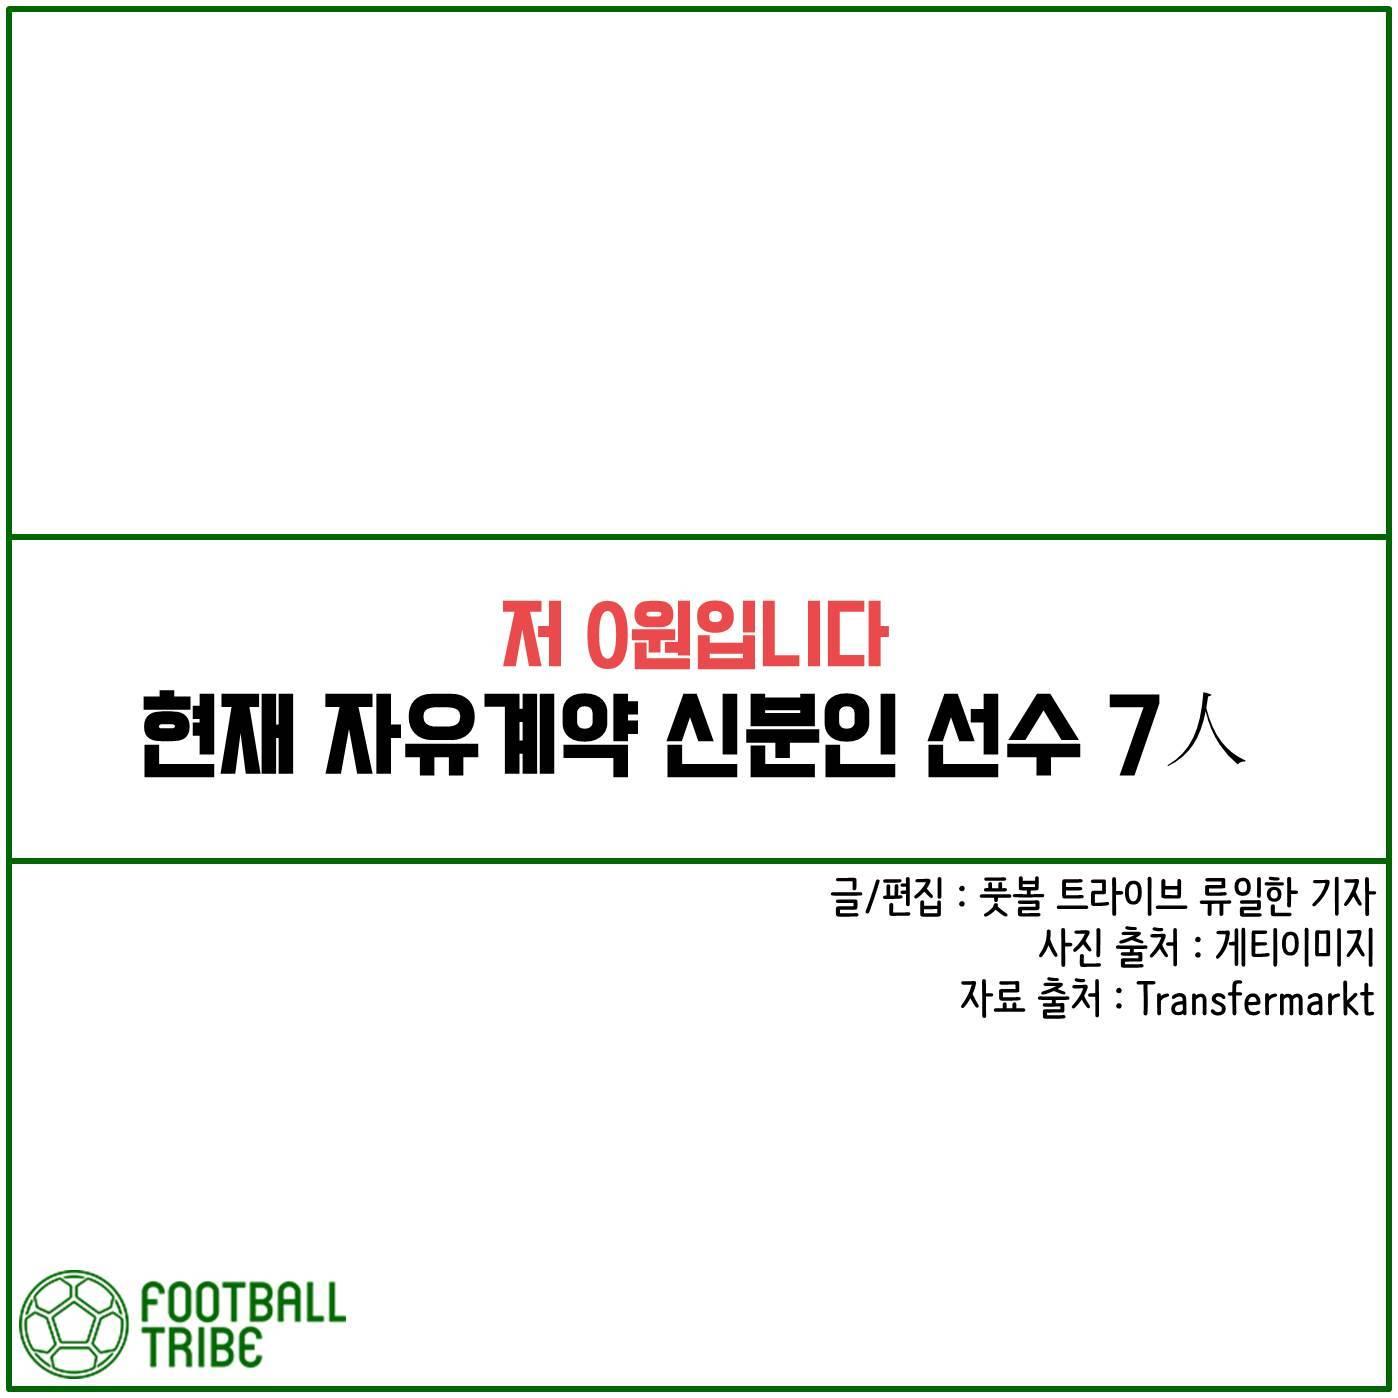 """[카드 뉴스] """"저 0원입니다"""" 현재 자유계약 신분인 선수 7人"""